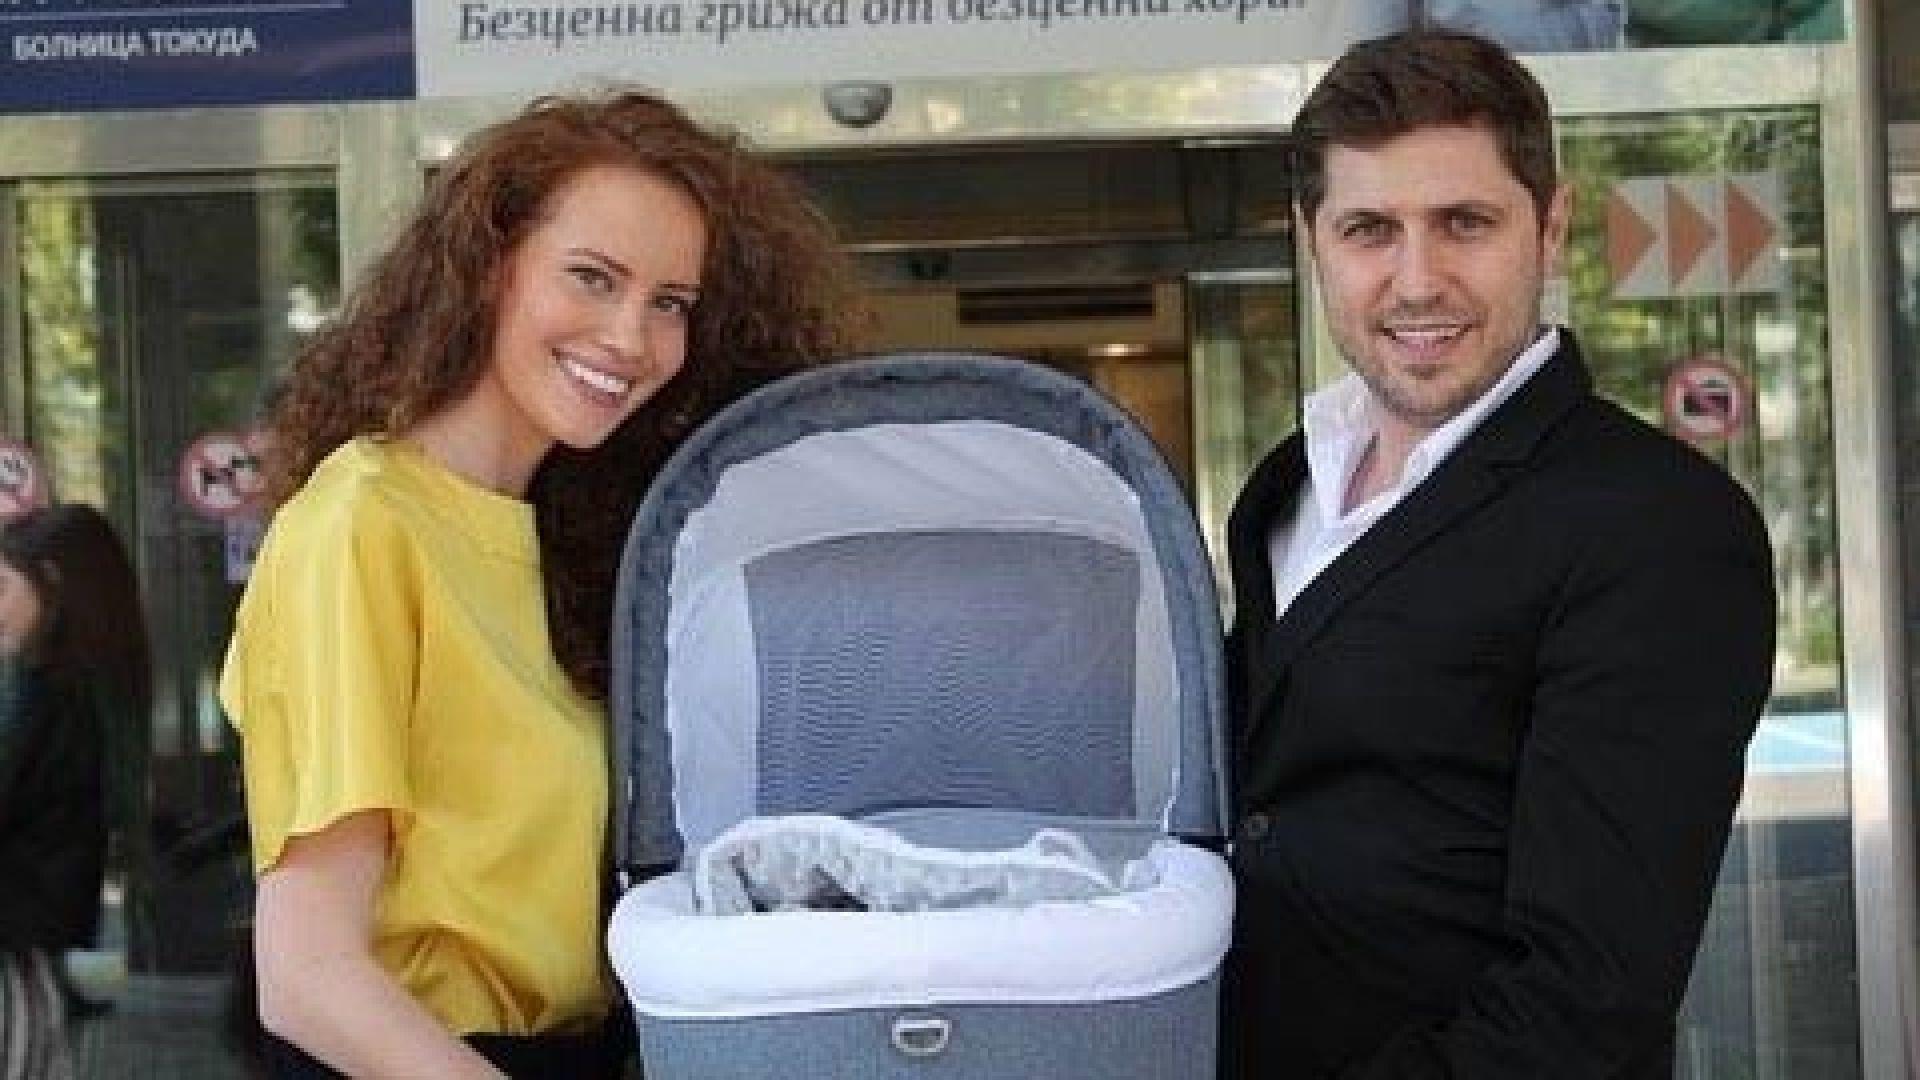 Гери Малкоданска разказа за преждевременното раждане